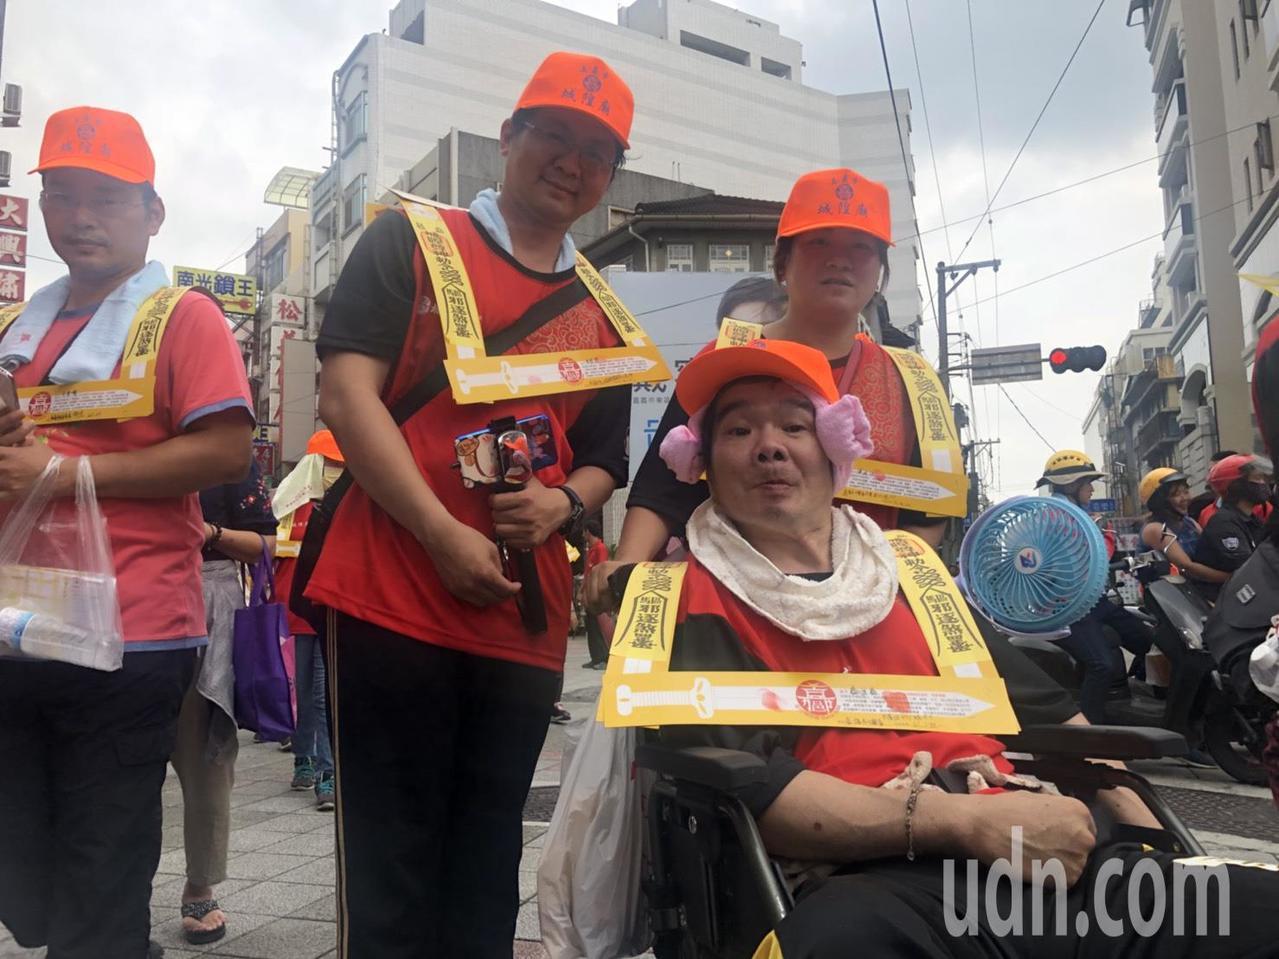 在參加夯枷儀式的近千名信眾中,坐輪椅的45歲鄭姓男子格外顯眼,他3年前車禍癱瘓,...